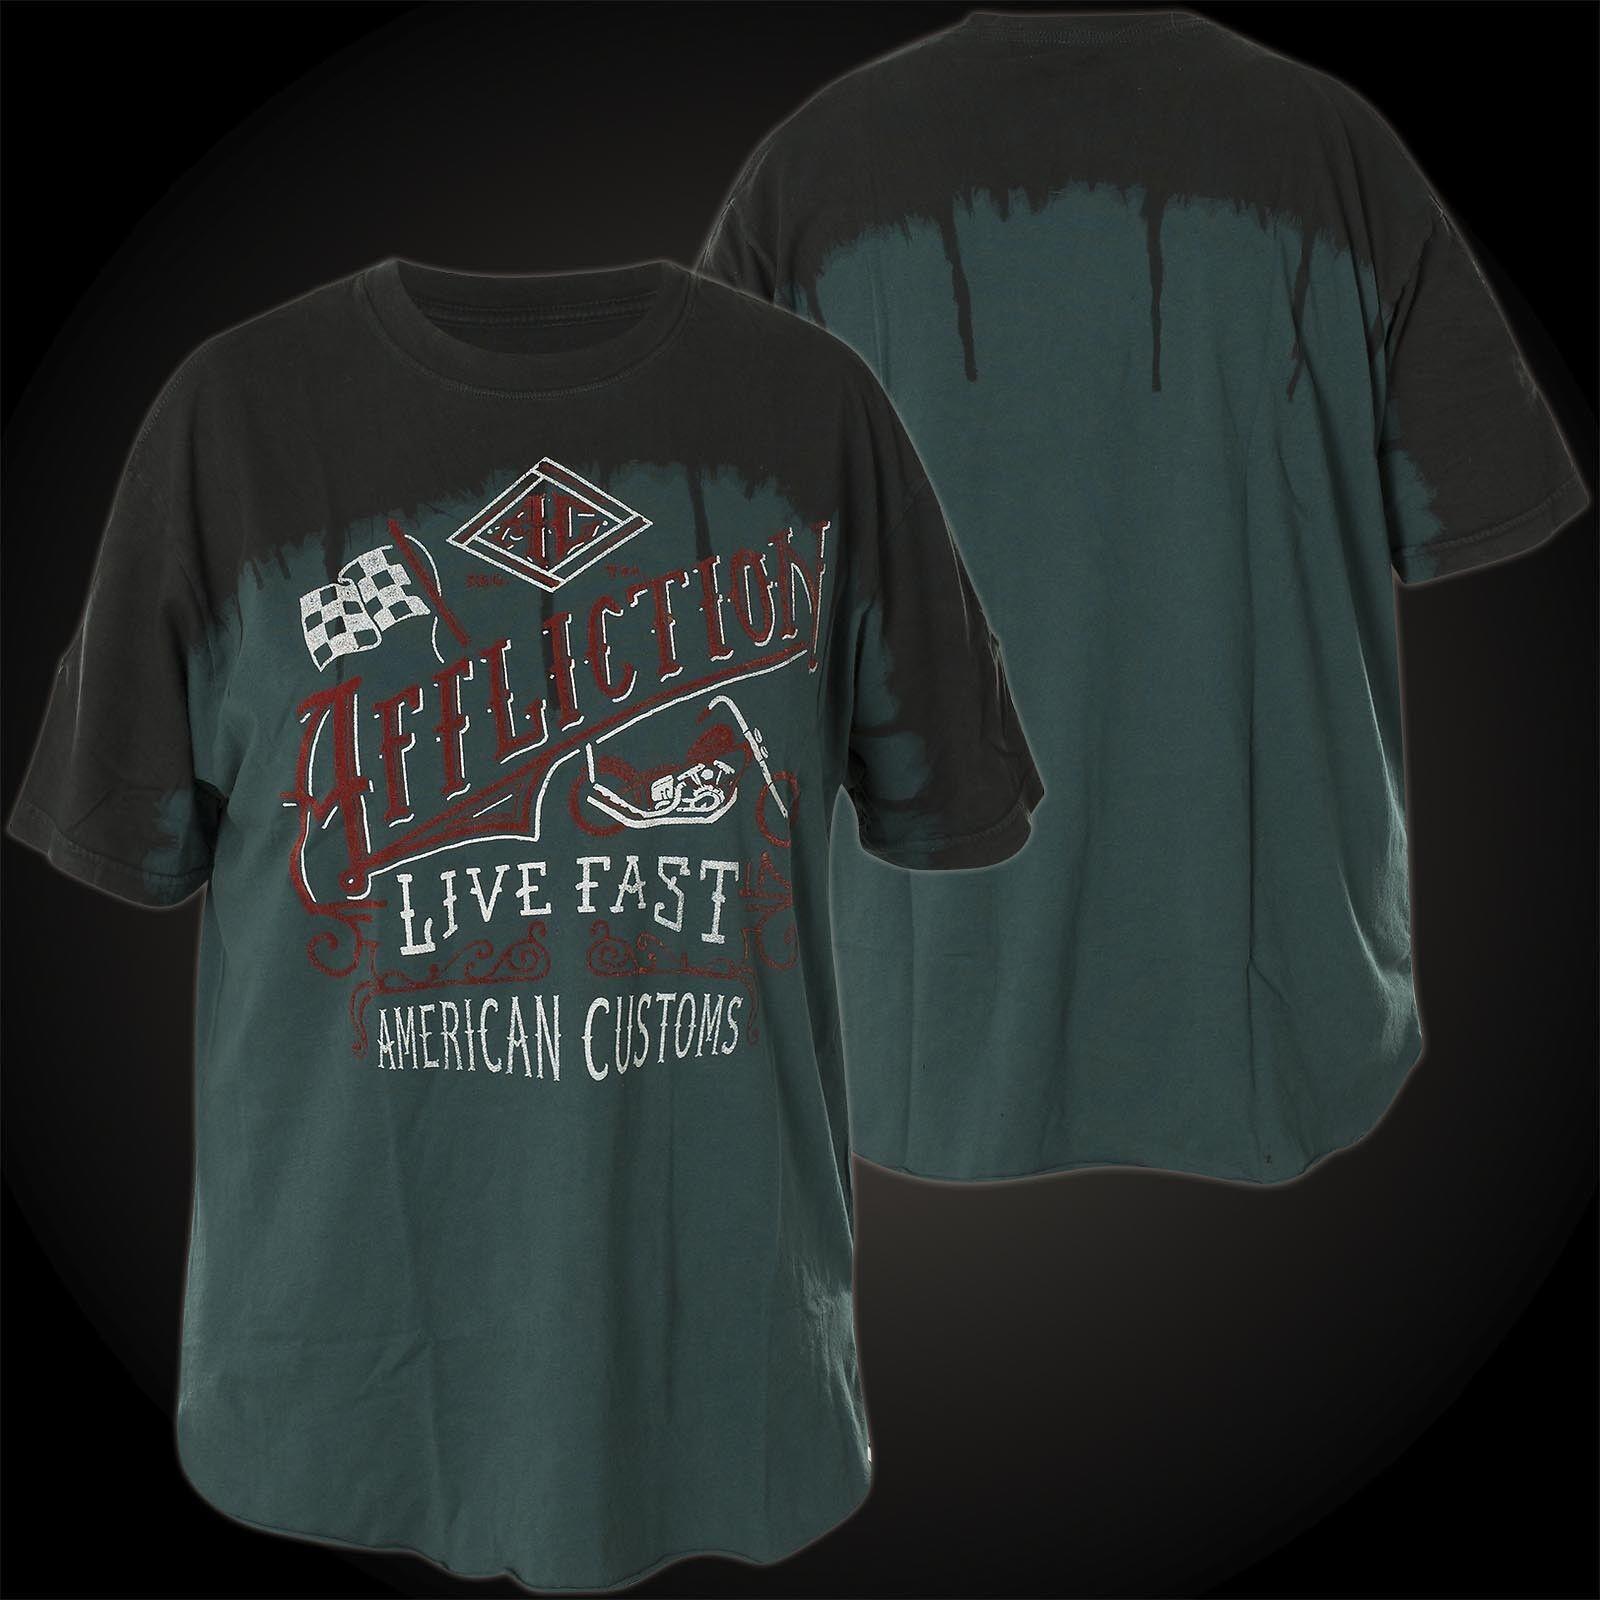 b23581e8bdd5 Affliction Donna T-Shirt Live Fast Vintage Nero verde